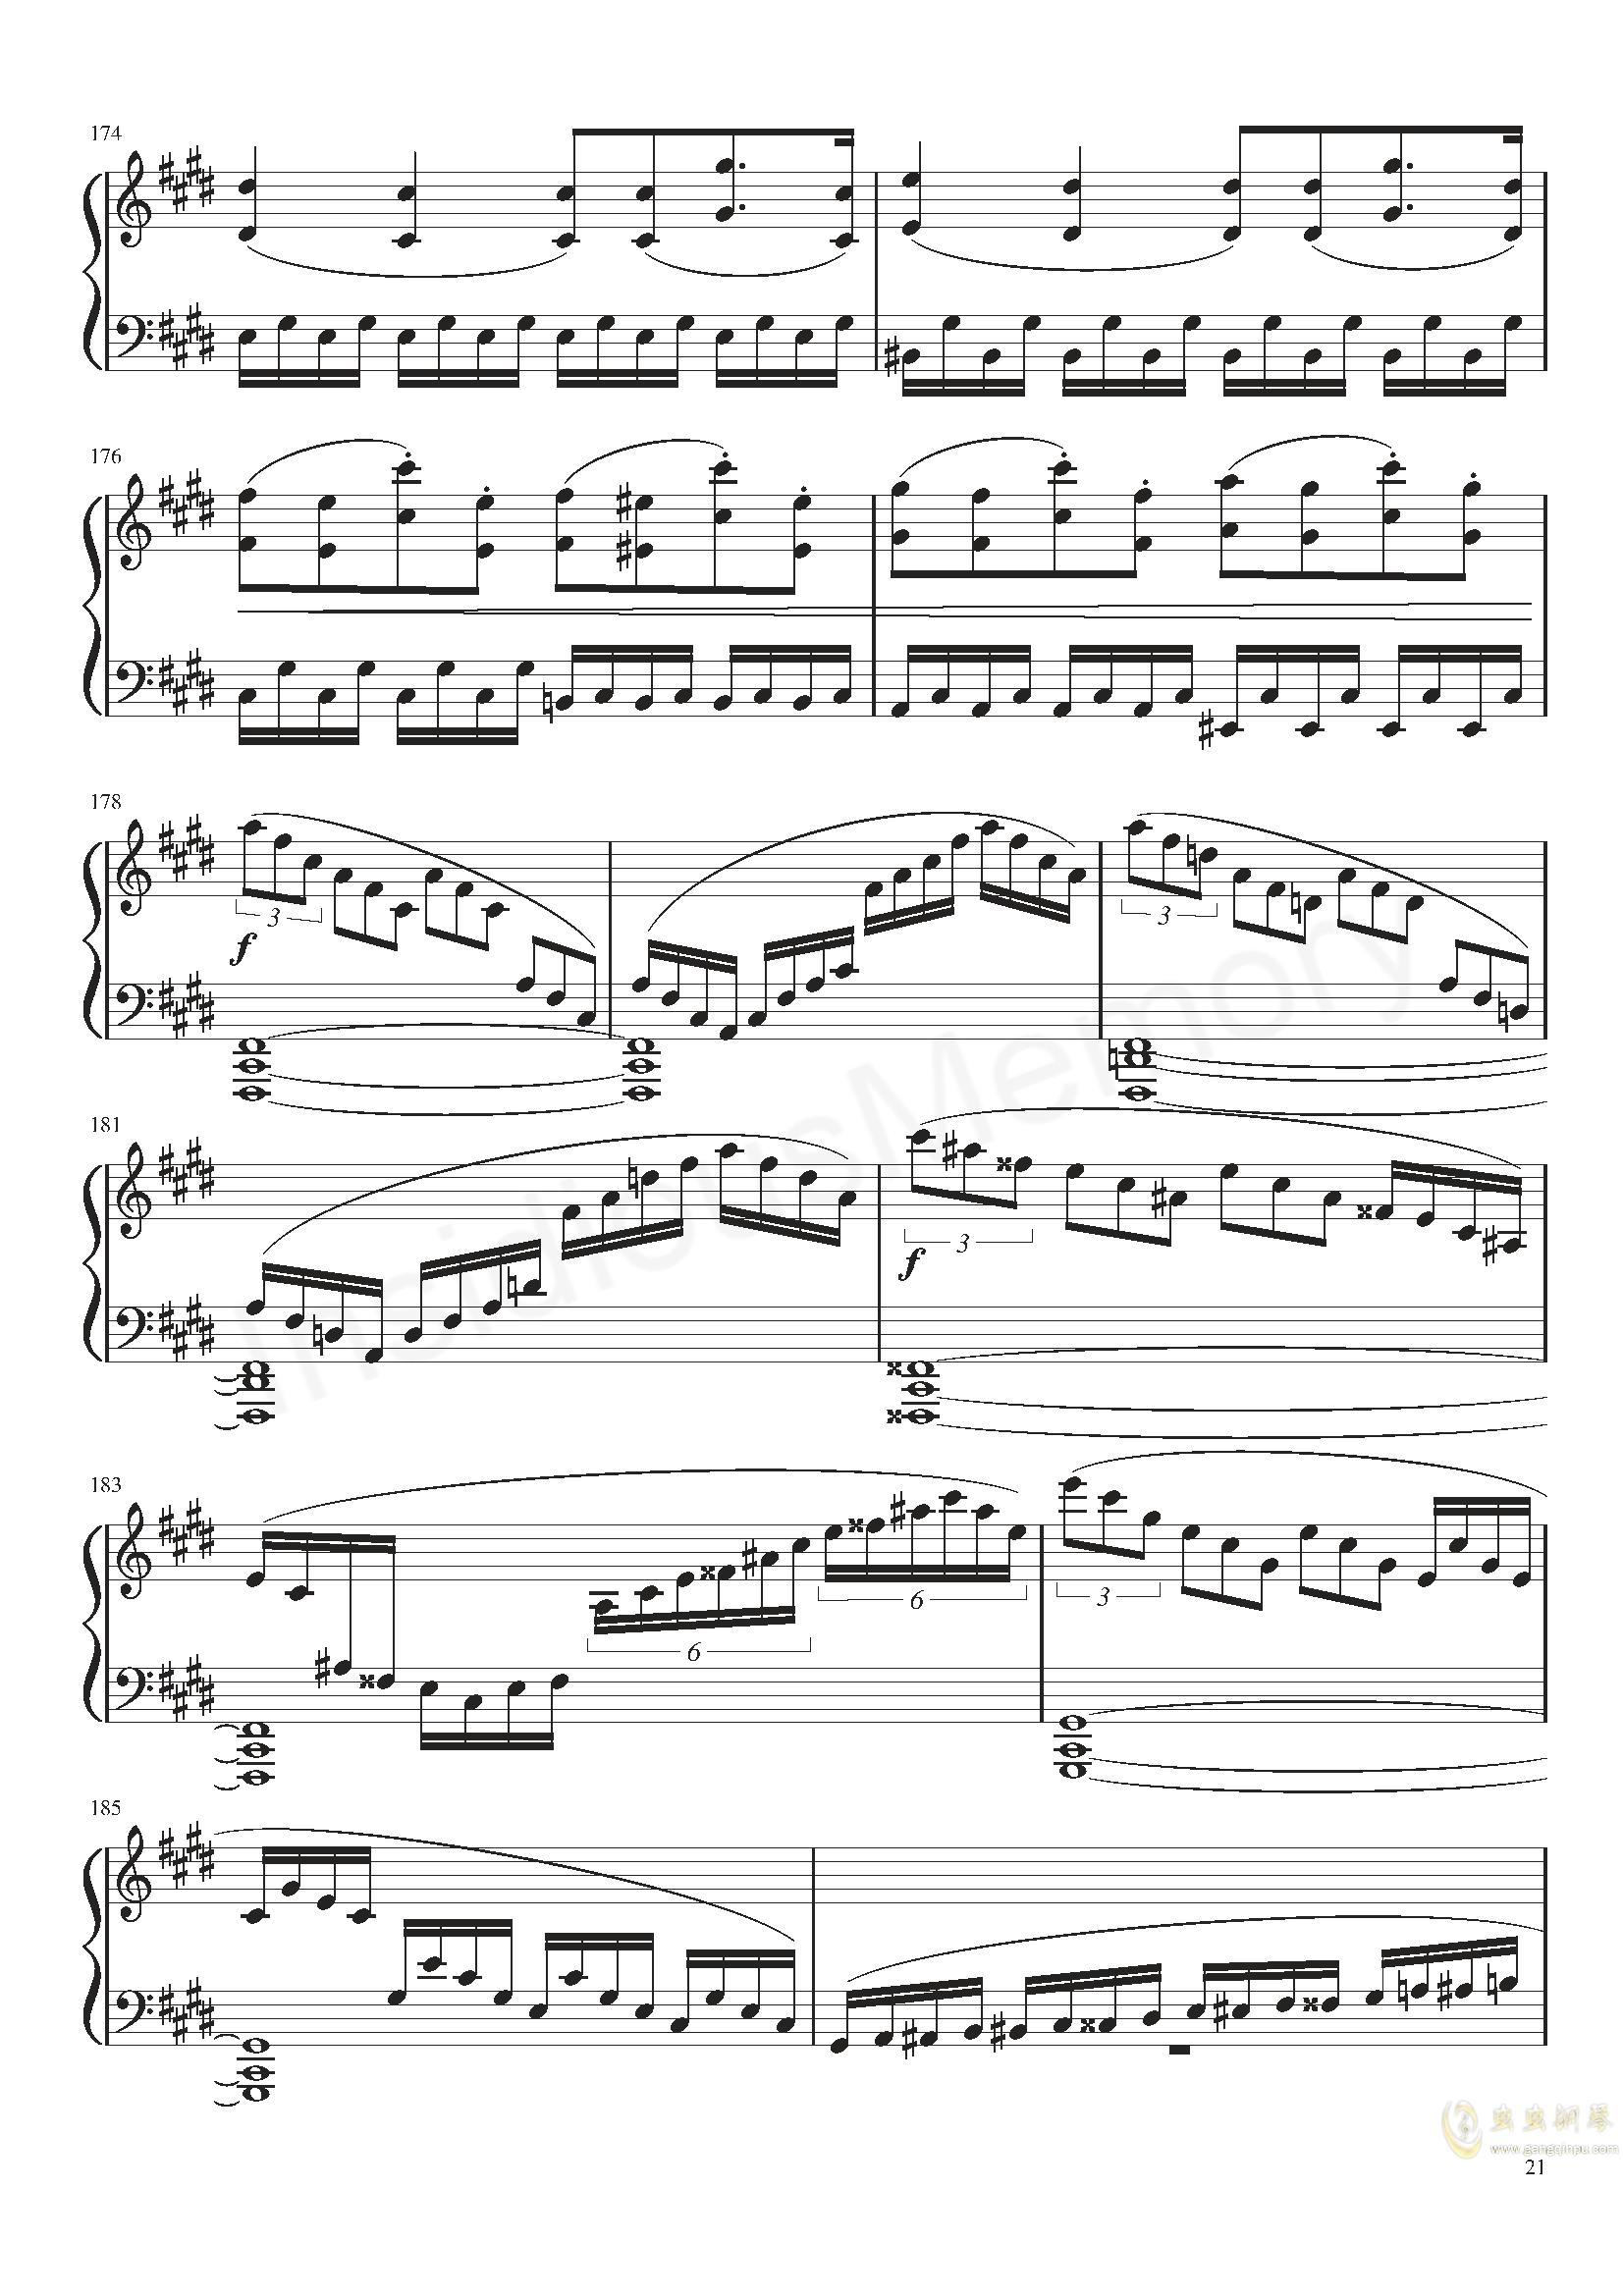 月光奏鸣曲钢琴谱 第21页